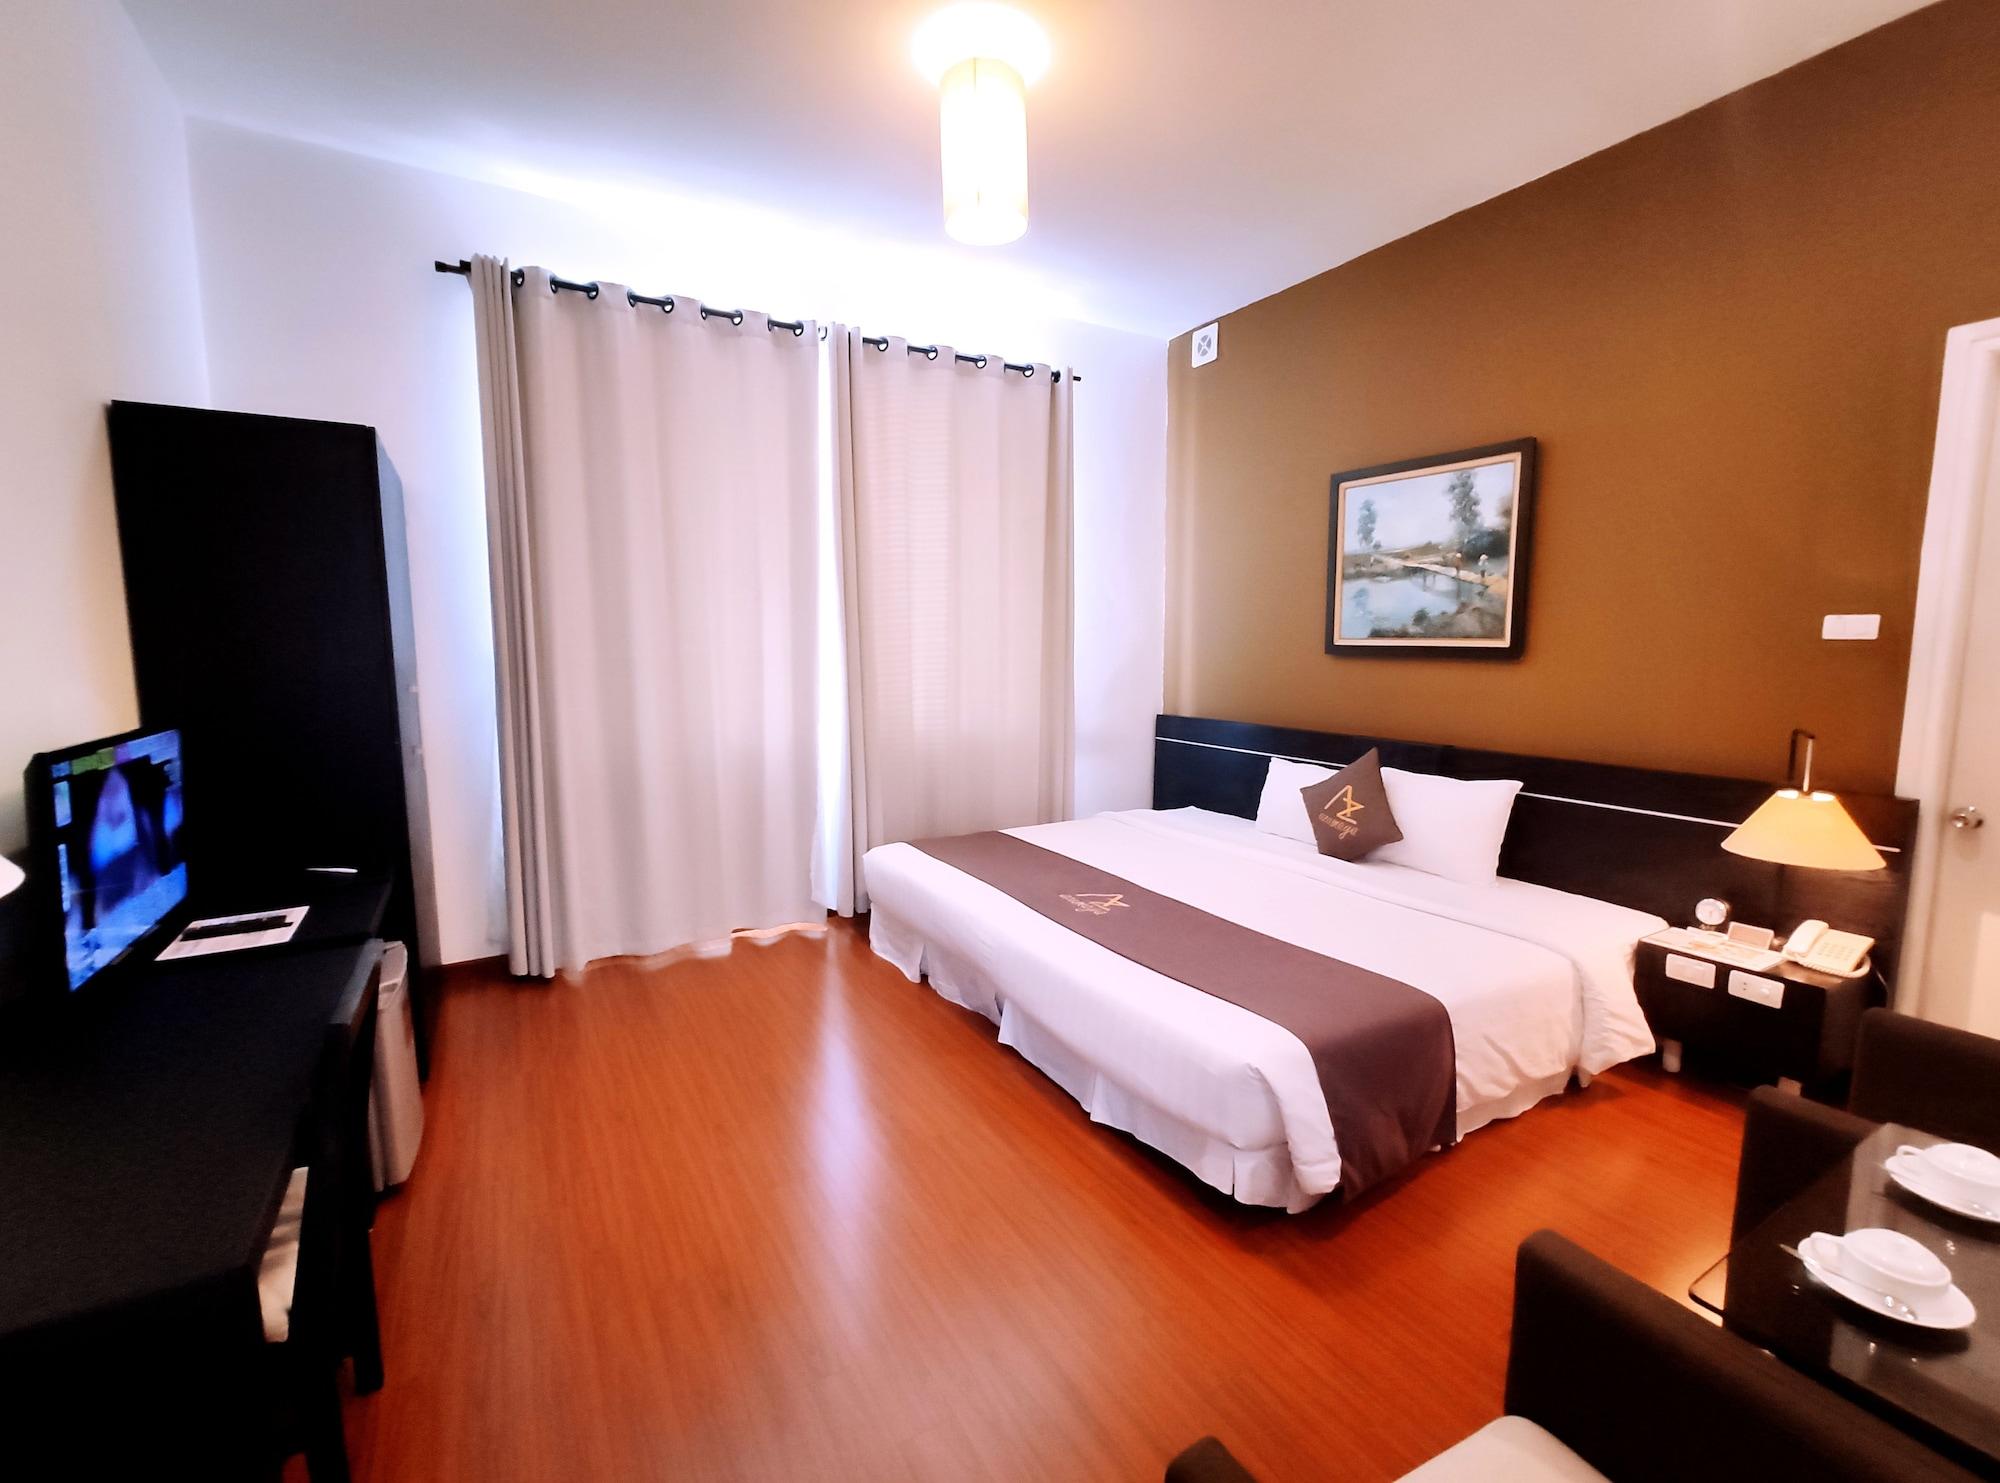 Azumaya Hai Ba Trung 1 Hotel, Hai Bà Trưng